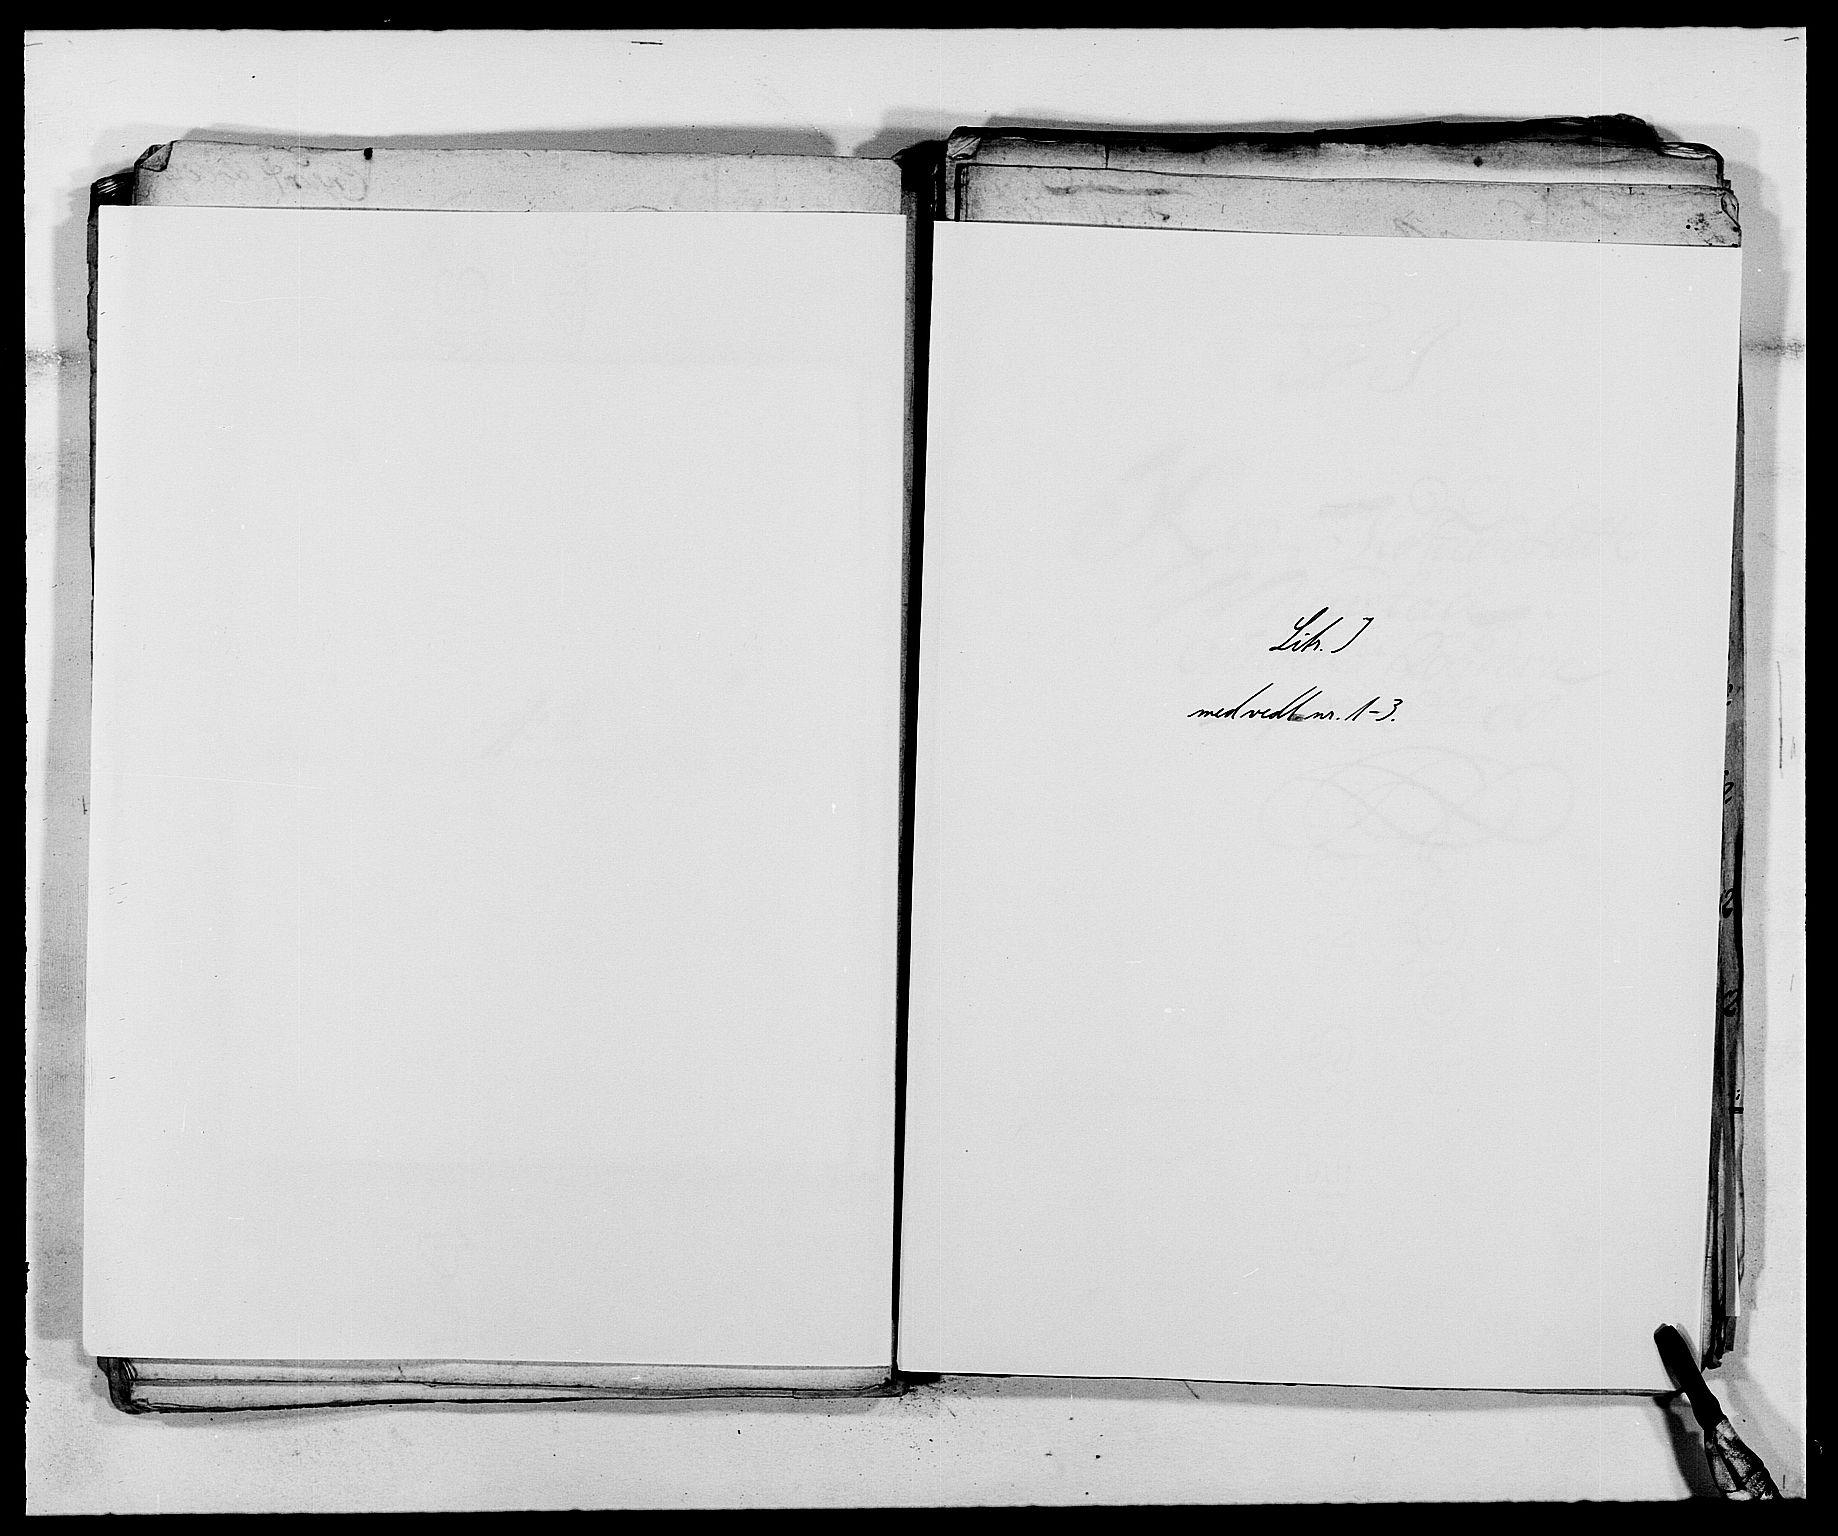 RA, Rentekammeret inntil 1814, Reviderte regnskaper, Fogderegnskap, R59/L3939: Fogderegnskap Gauldal, 1687-1688, s. 237